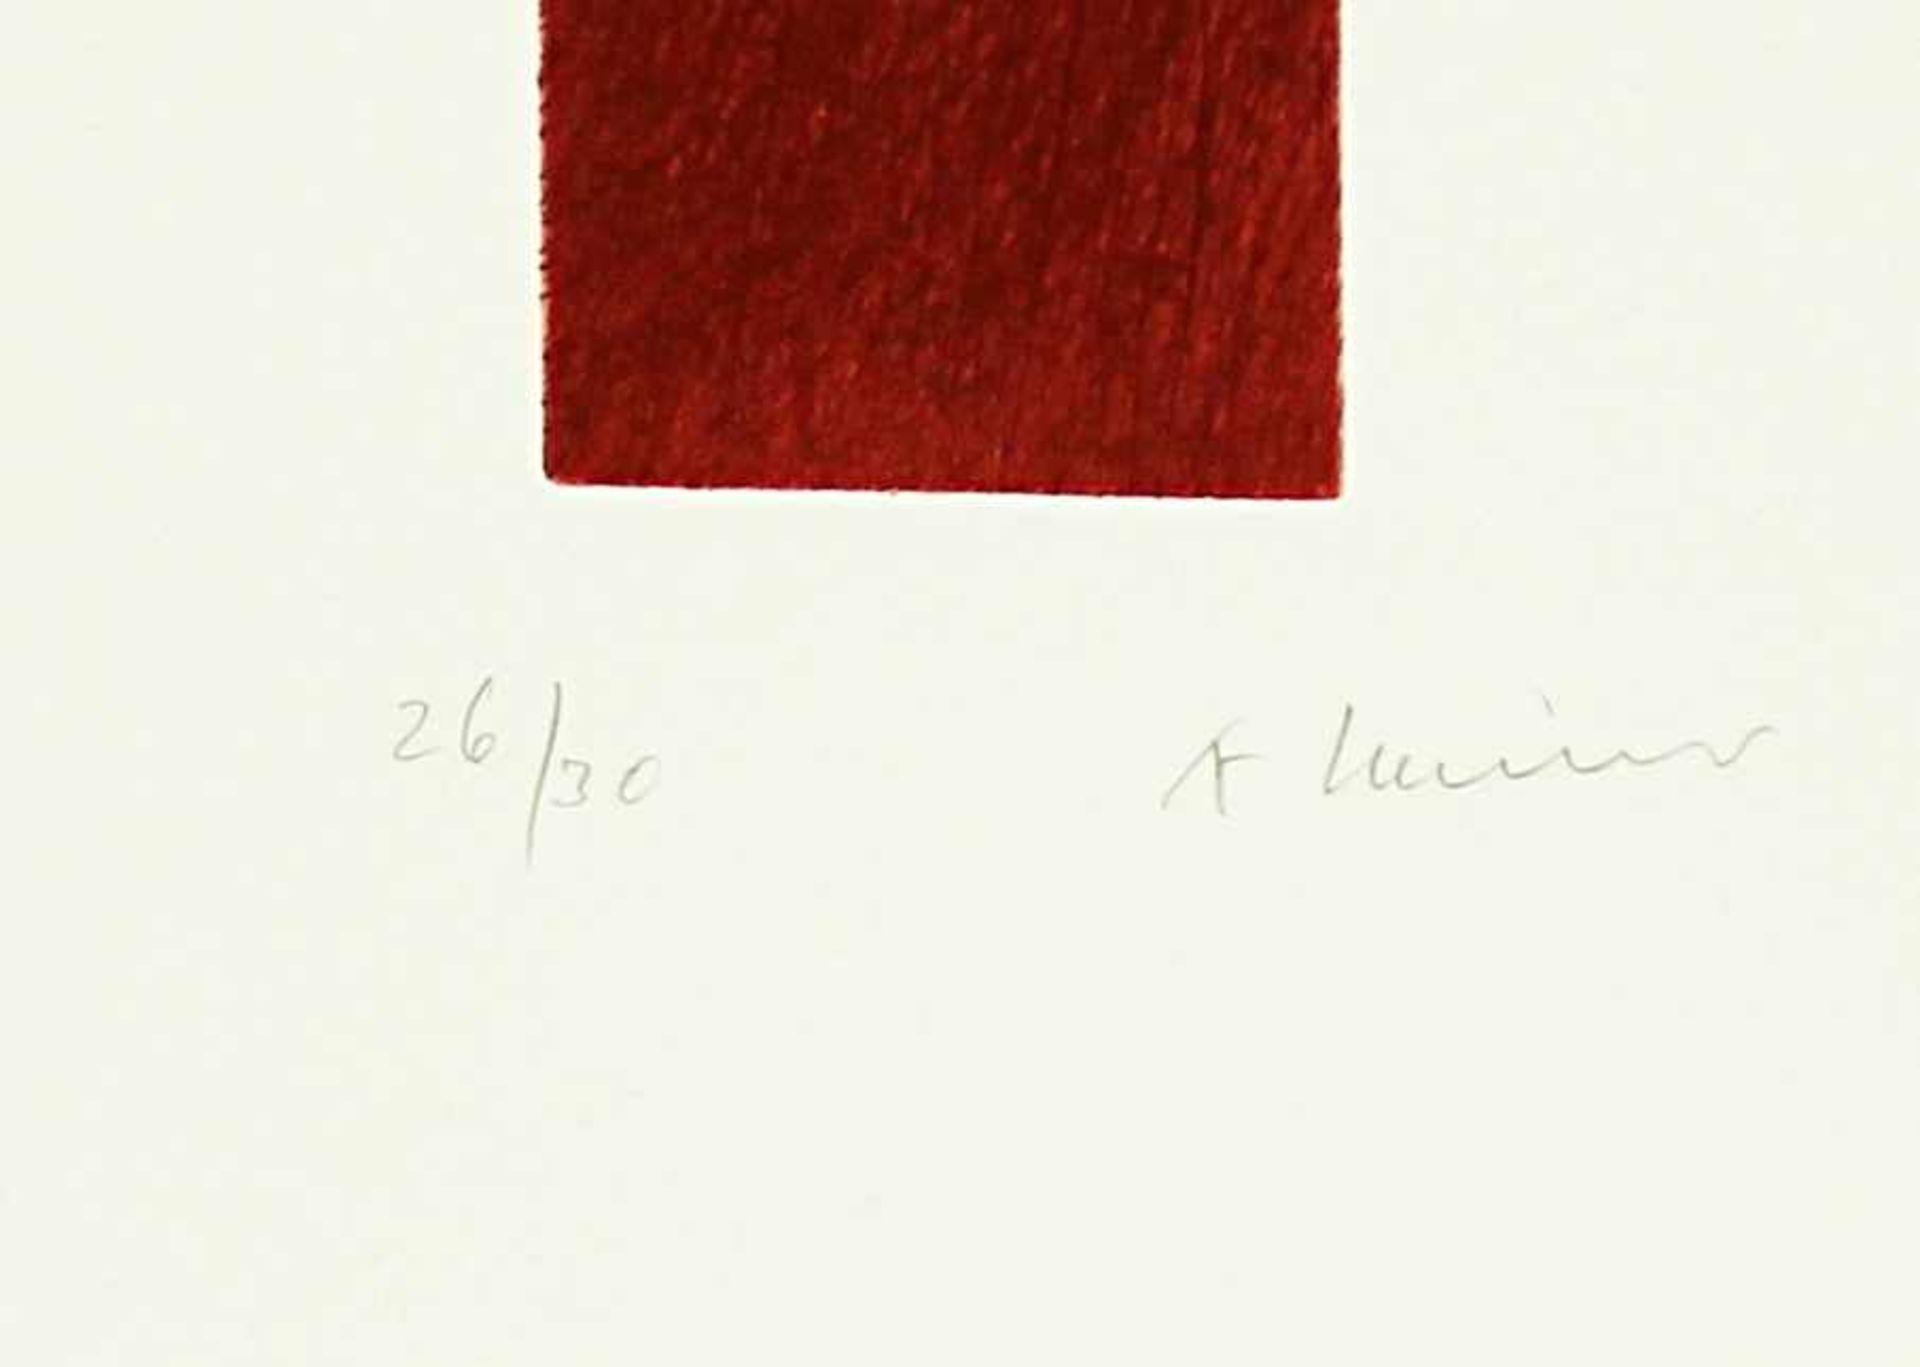 Arnulf Rainer geb. 1929 Kreuz Rot Dunkel 2009 Kaltnadelradierung handsigniert und nummeriert 26/30 - Bild 2 aus 2